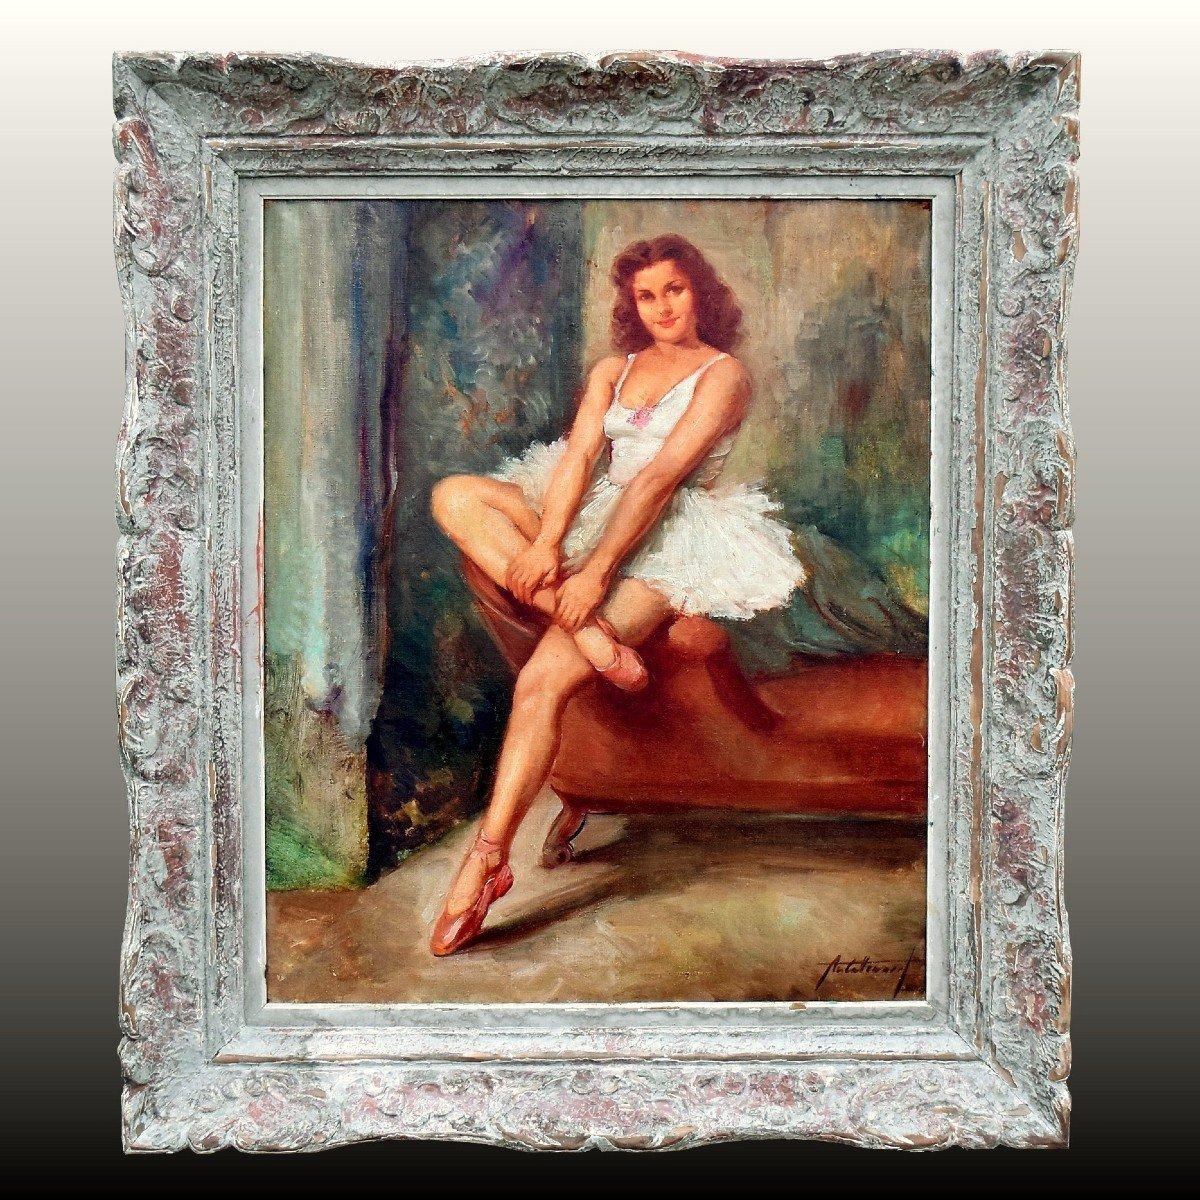 Portrait en pied post-impressionniste d'une danseuse